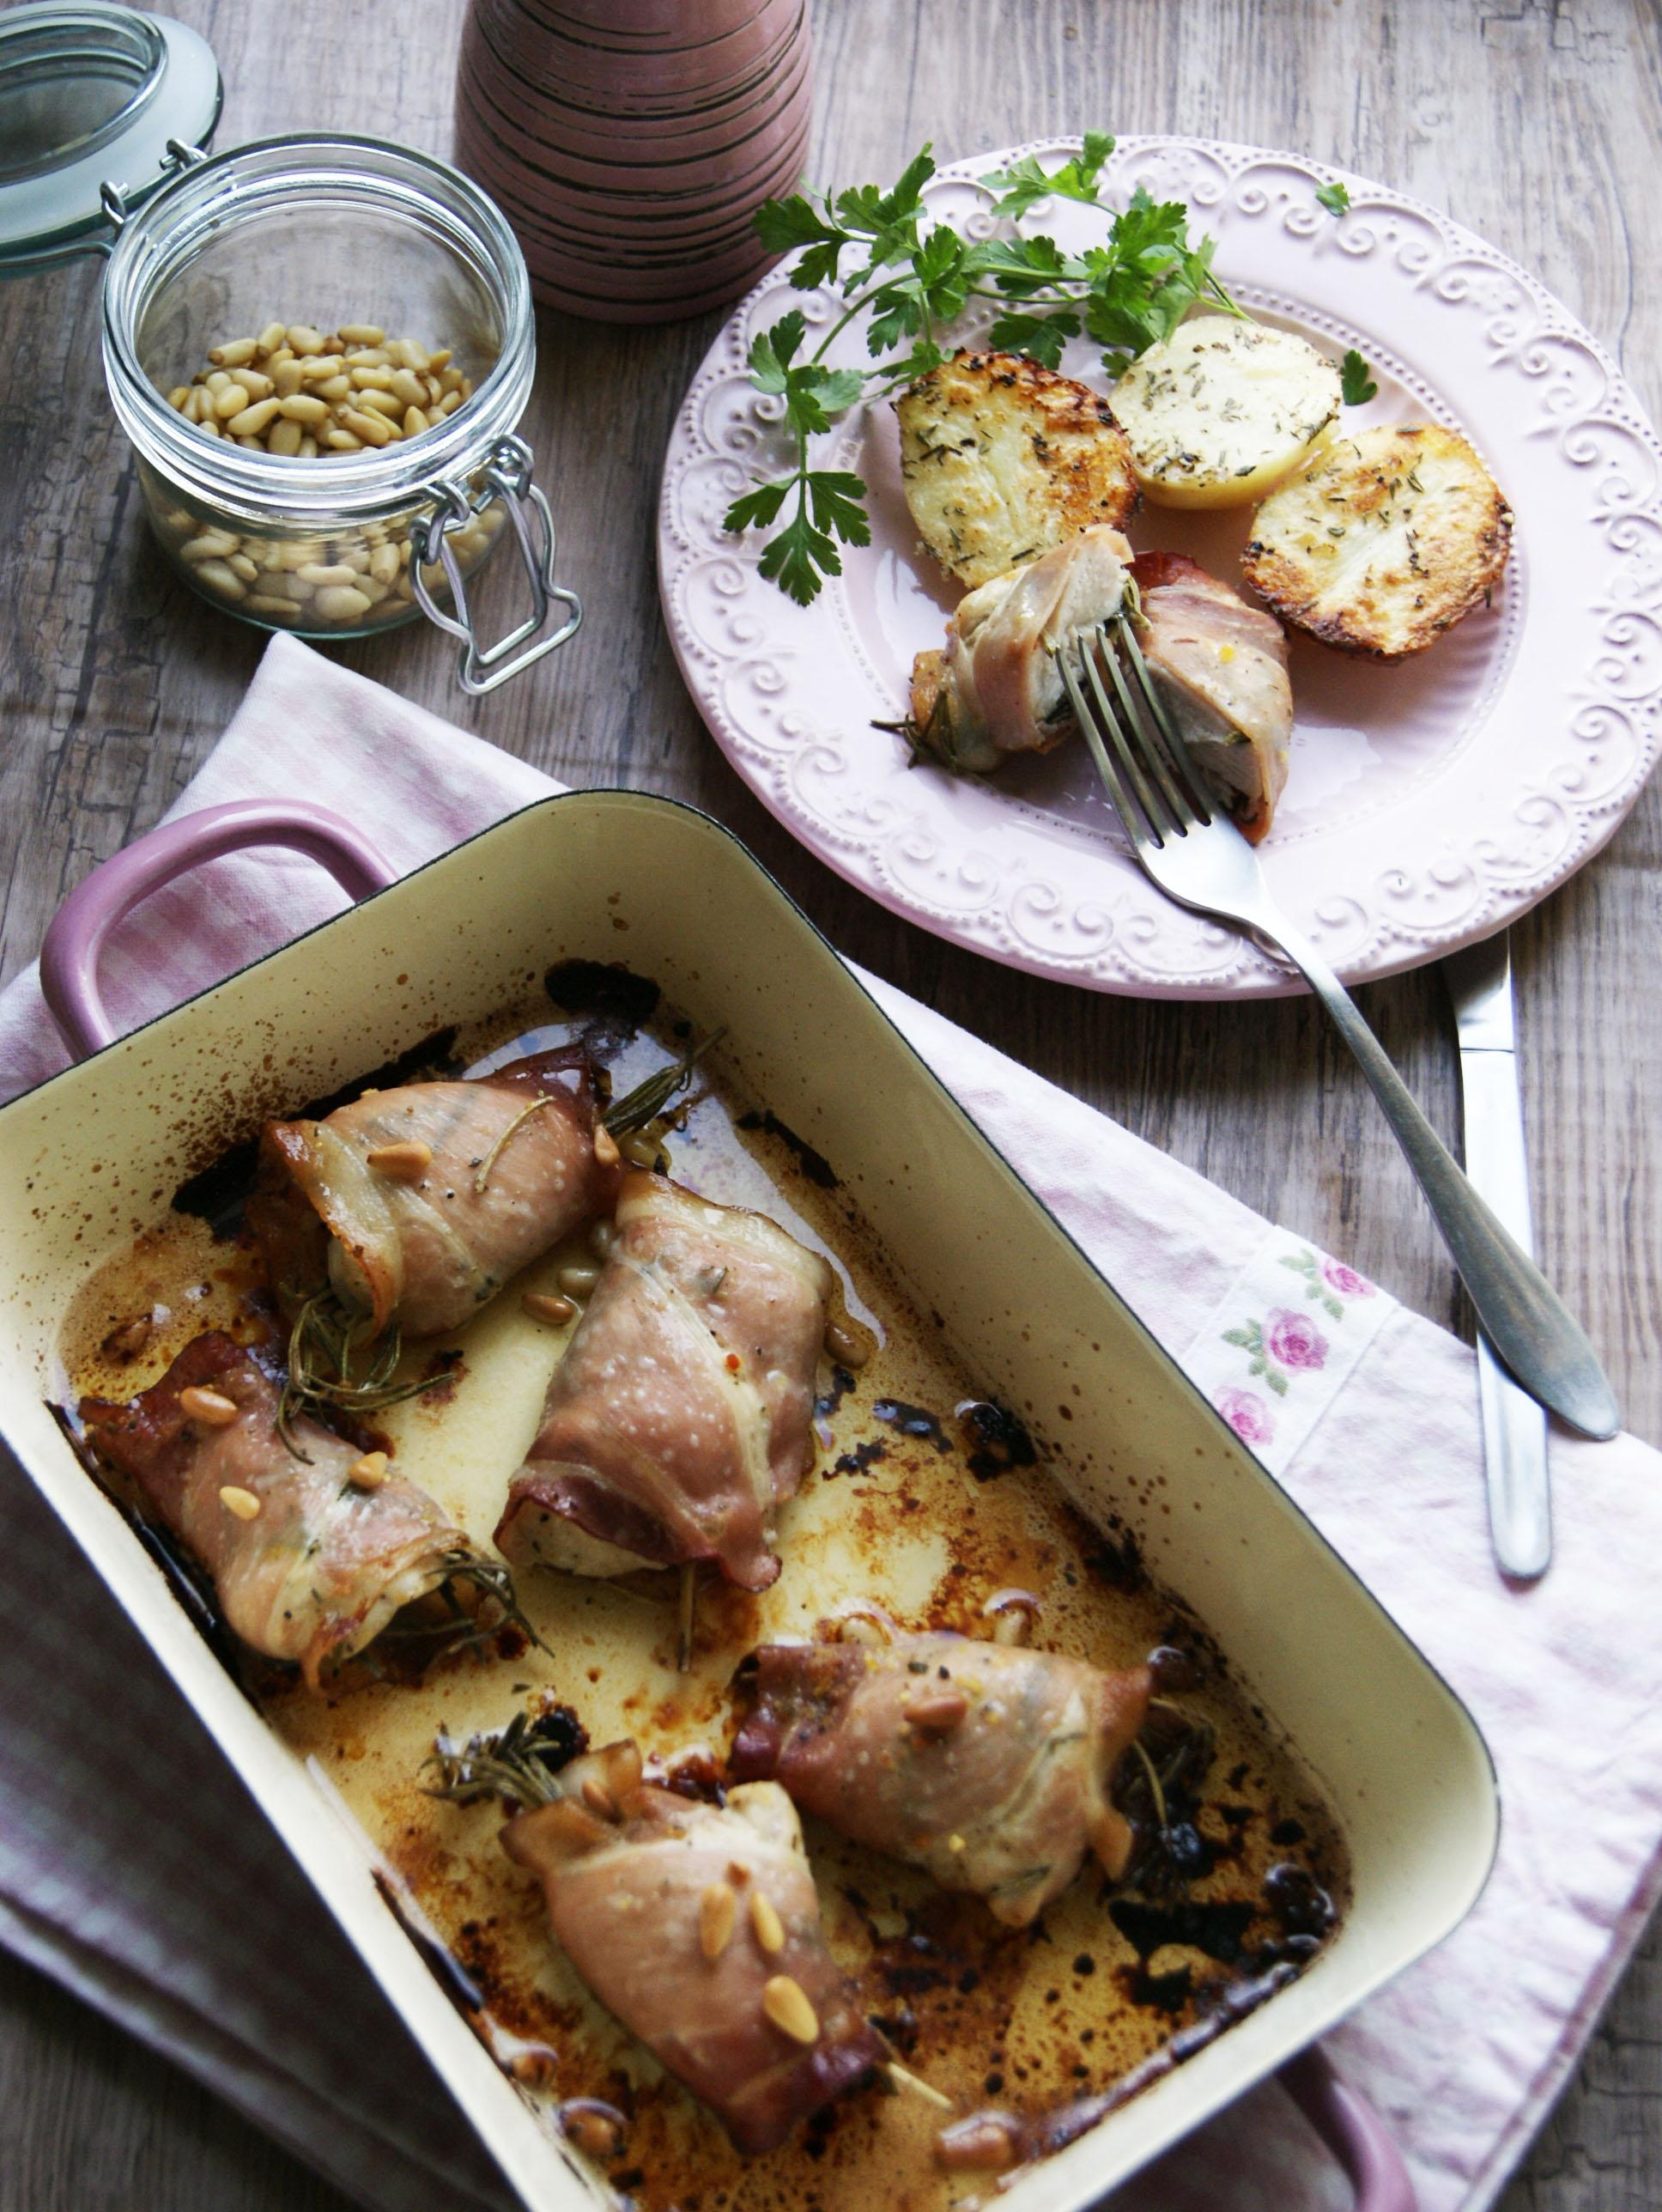 kurczak-z-rozmarynem-w-szynce-parmenskiej